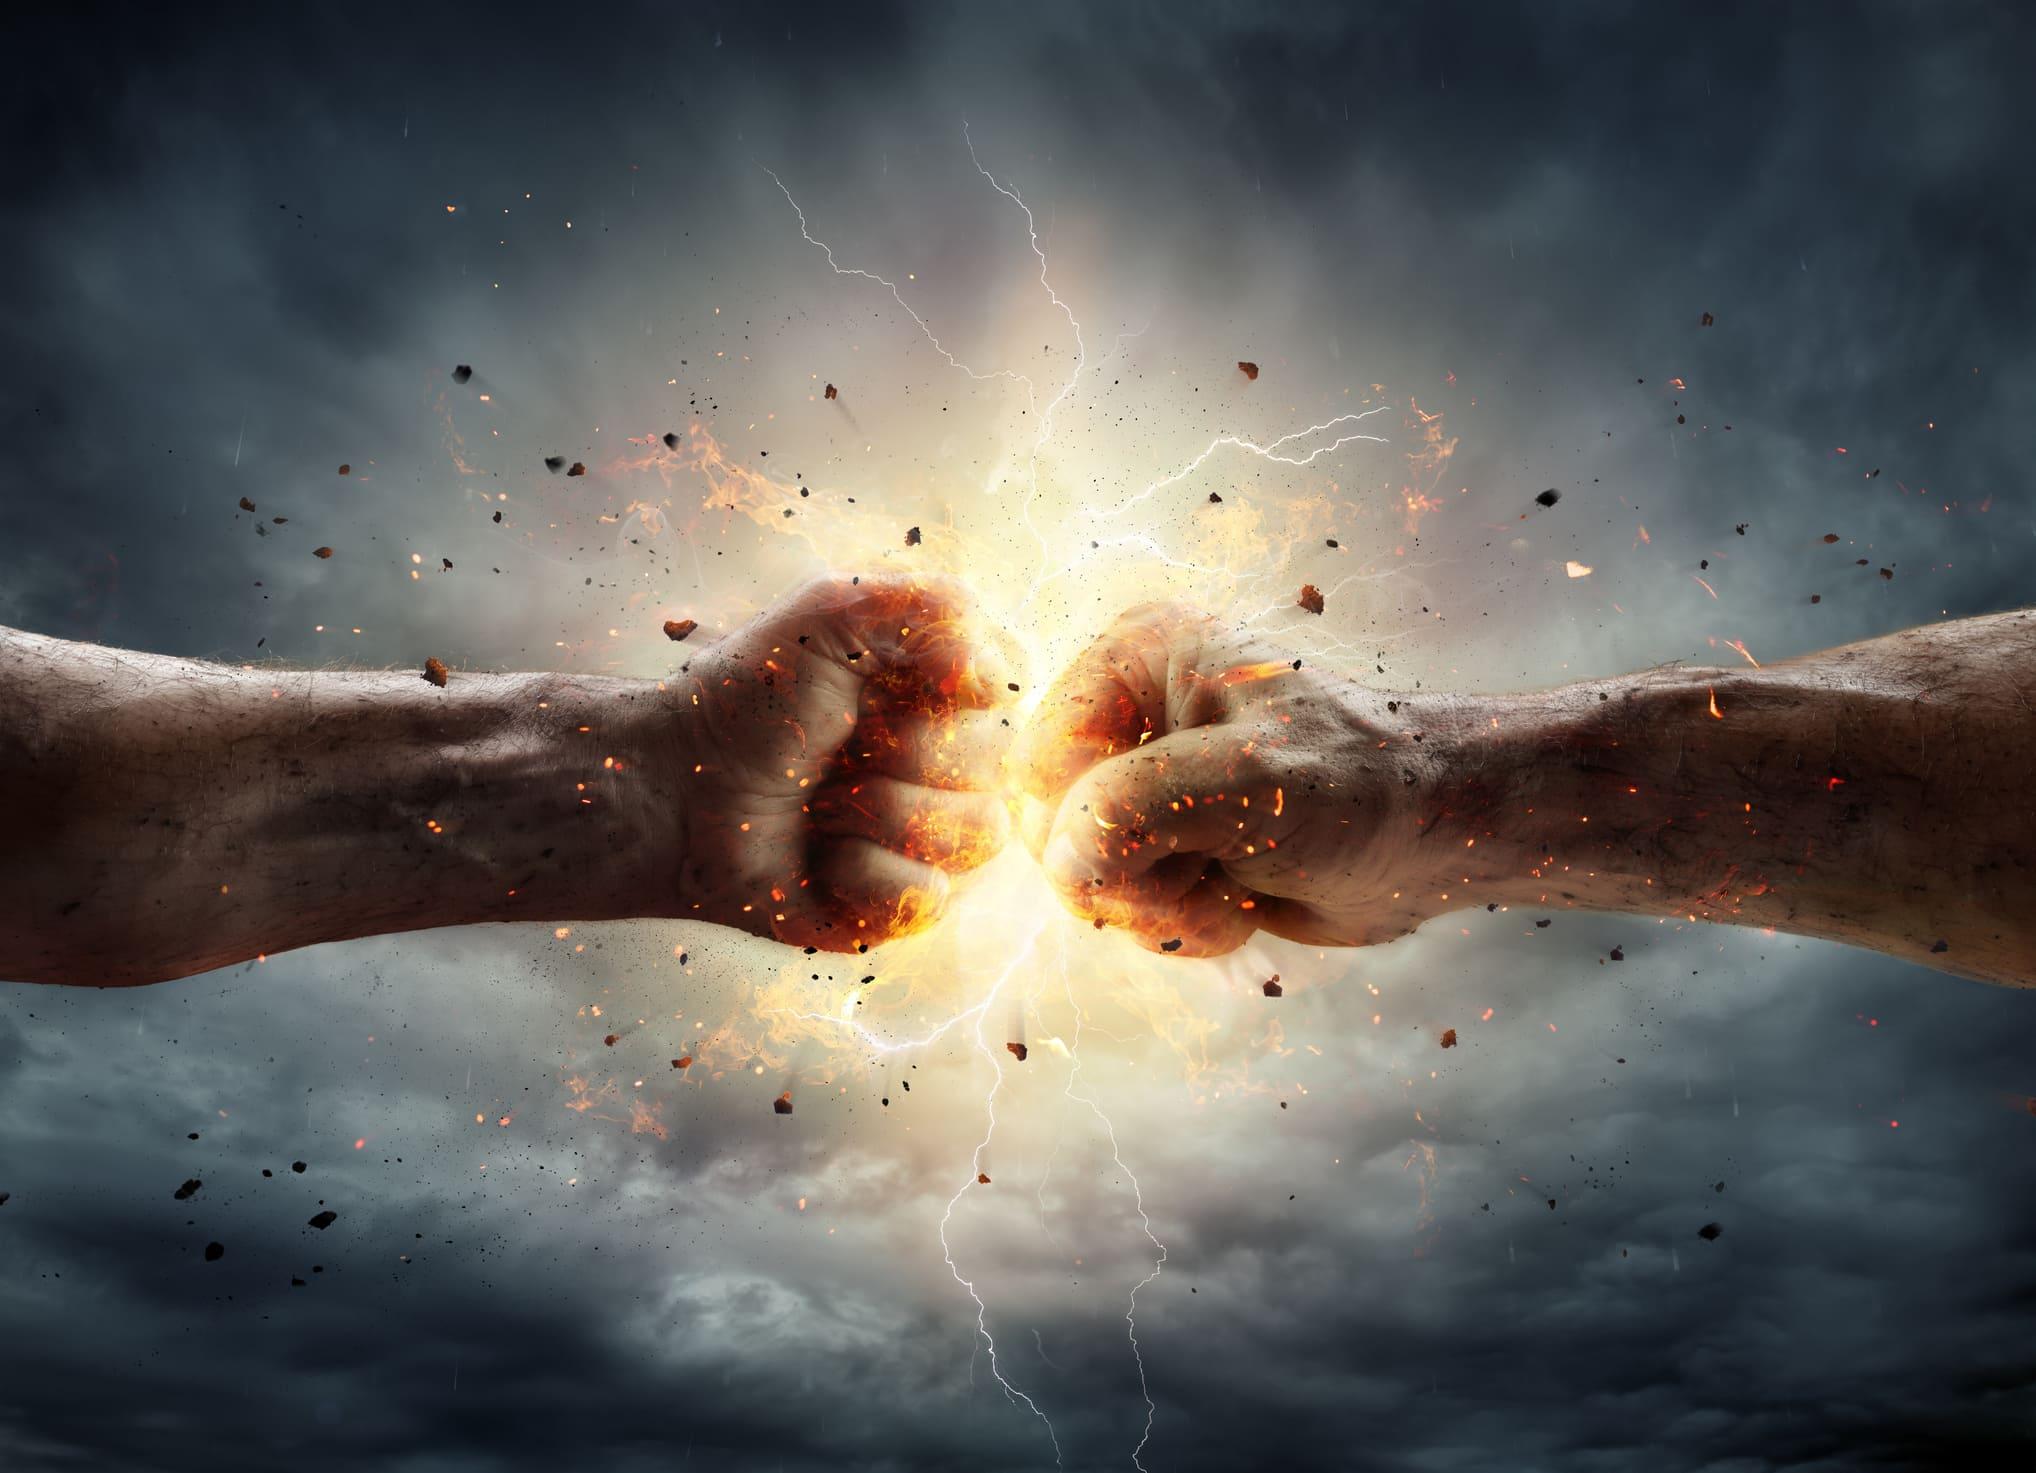 Sendo a carne inimiga do Espírito, como vencê-la?